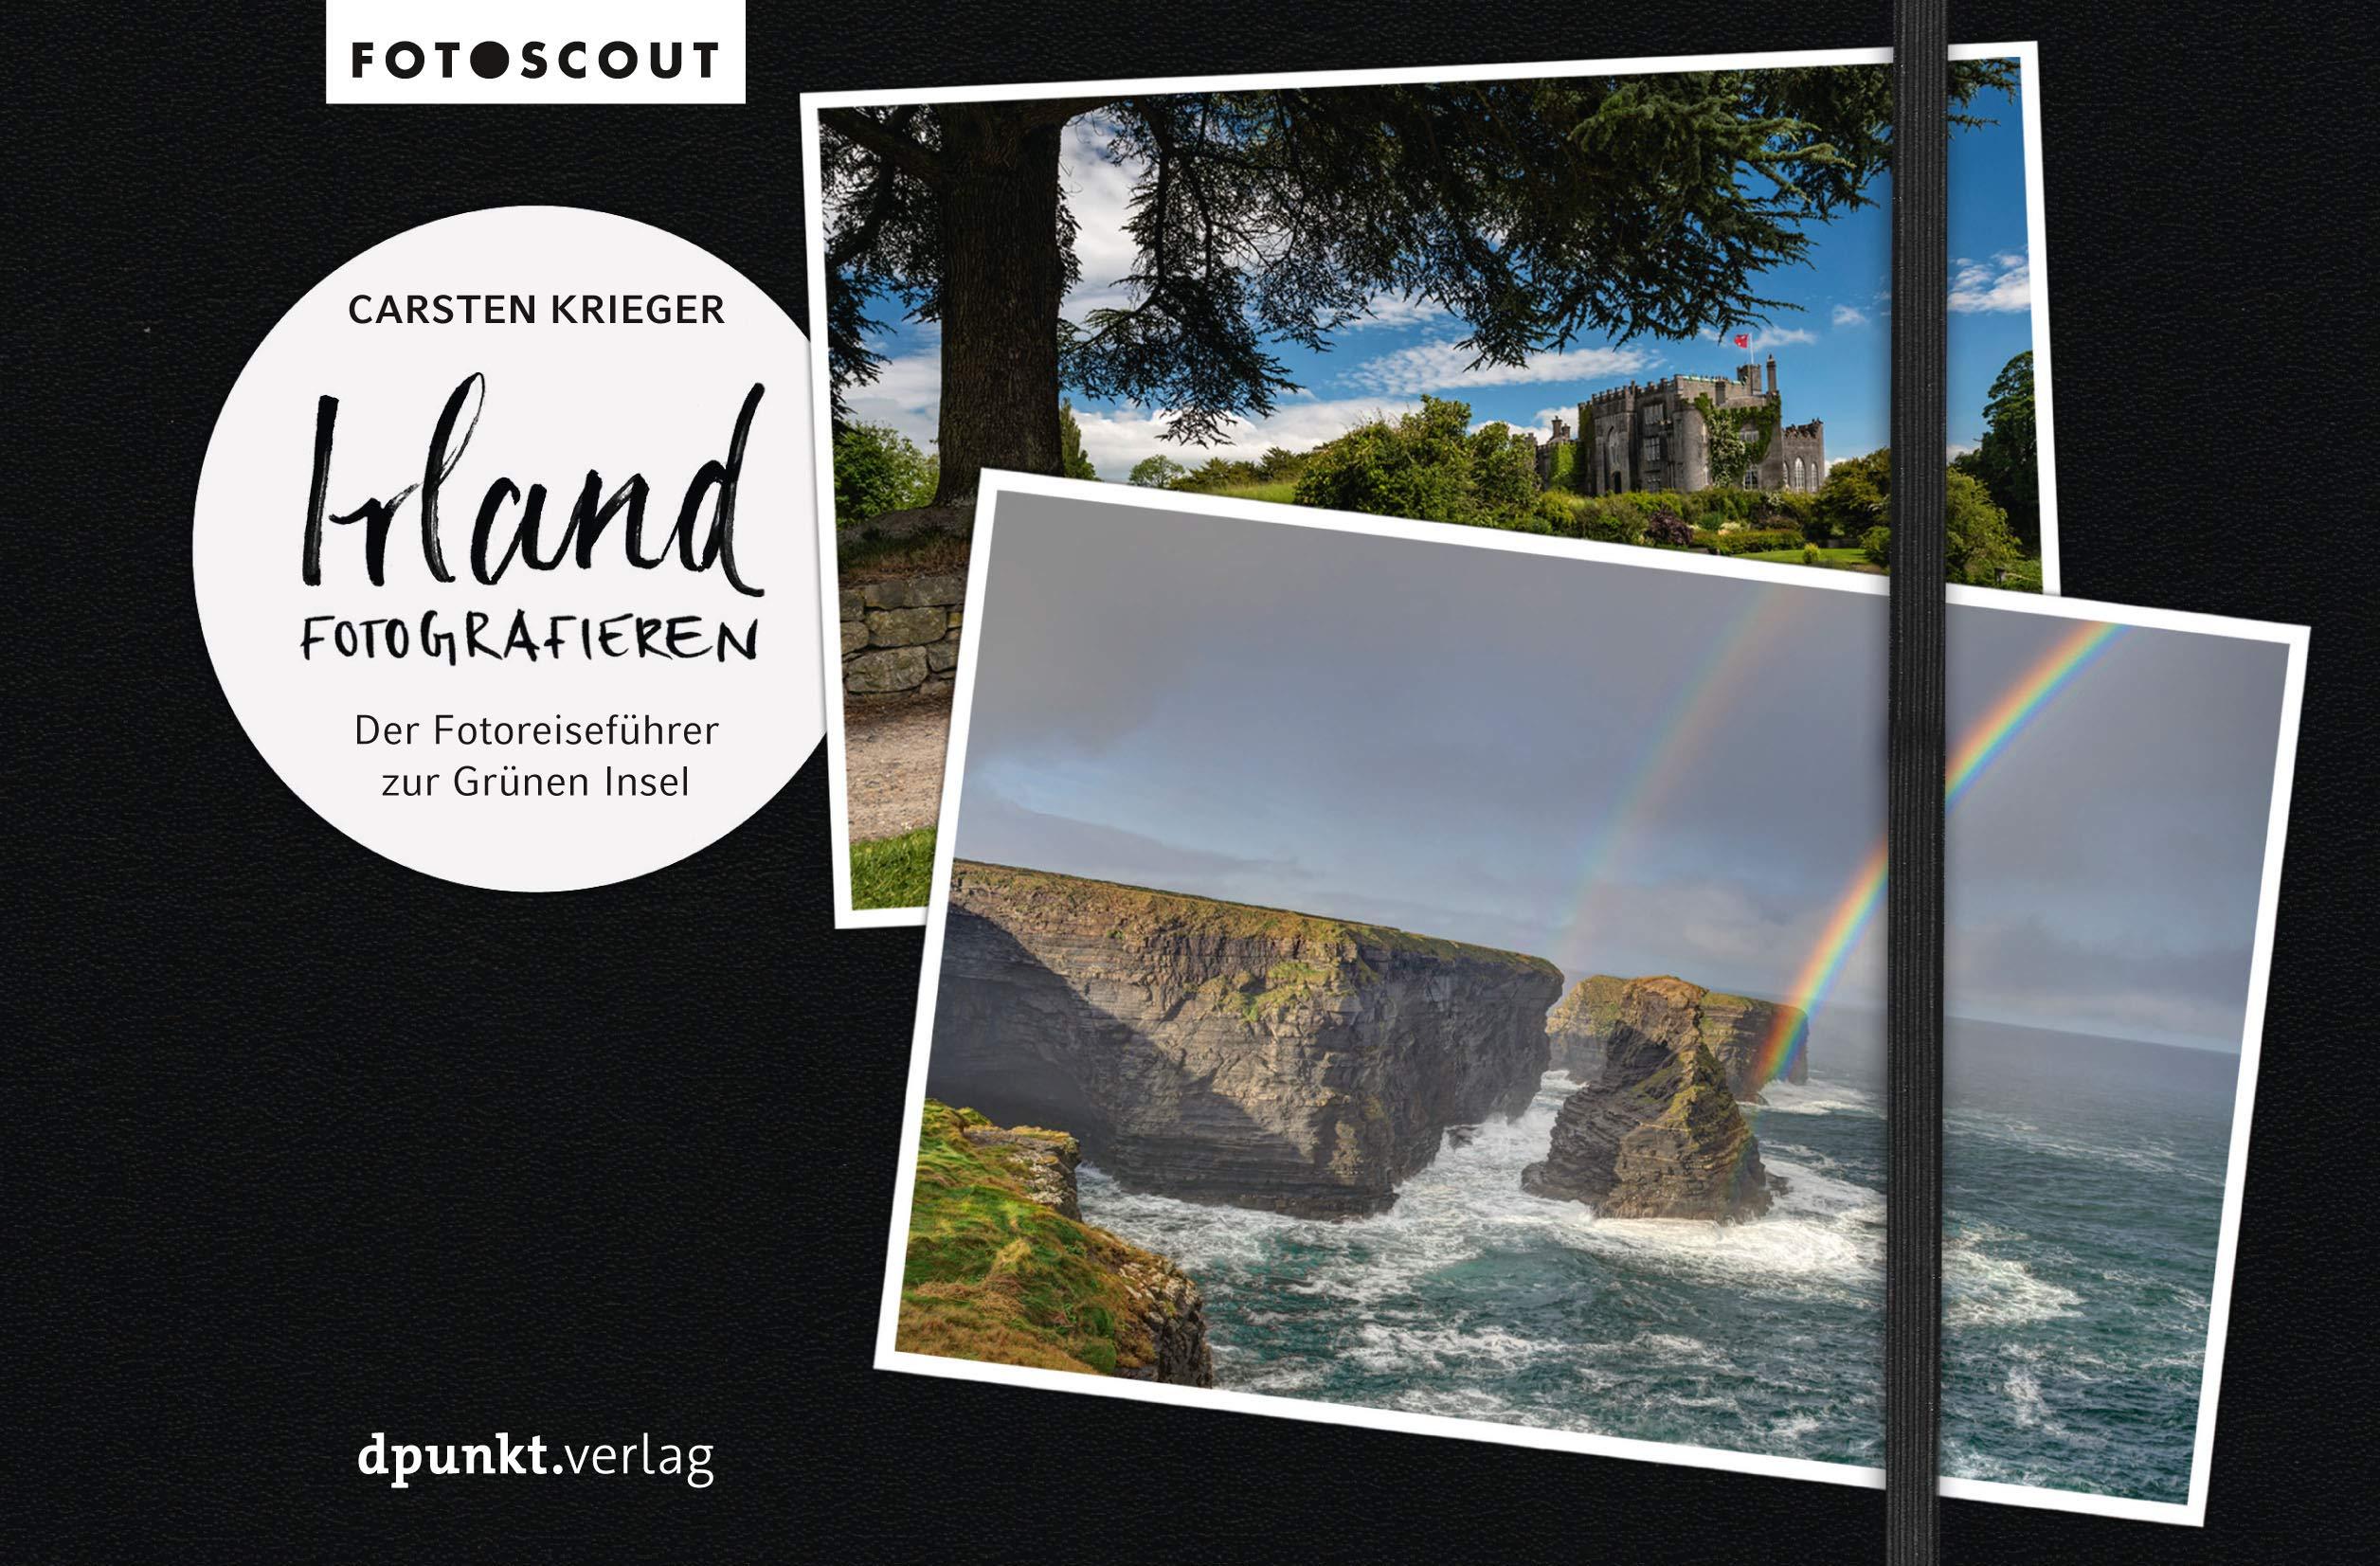 Irland Fotografieren  Der Fotoreiseführer Zur Grünen Insel  Fotoscout